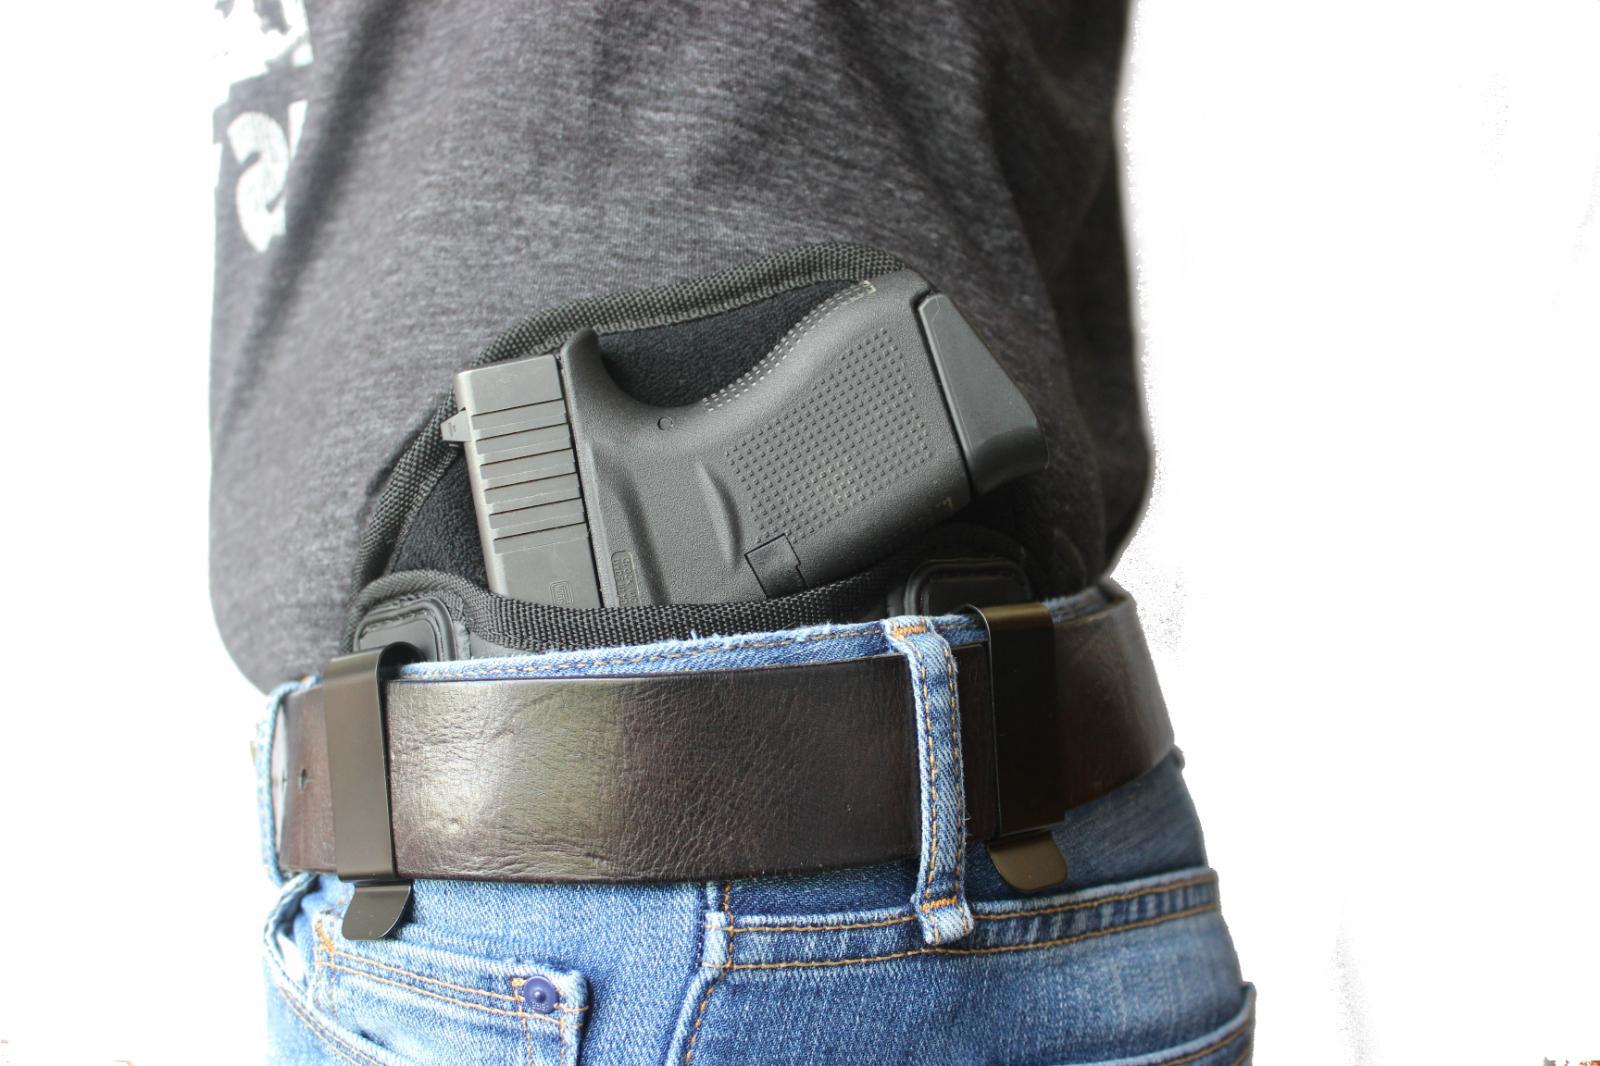 IWB Gun Holster Houston Leather Model